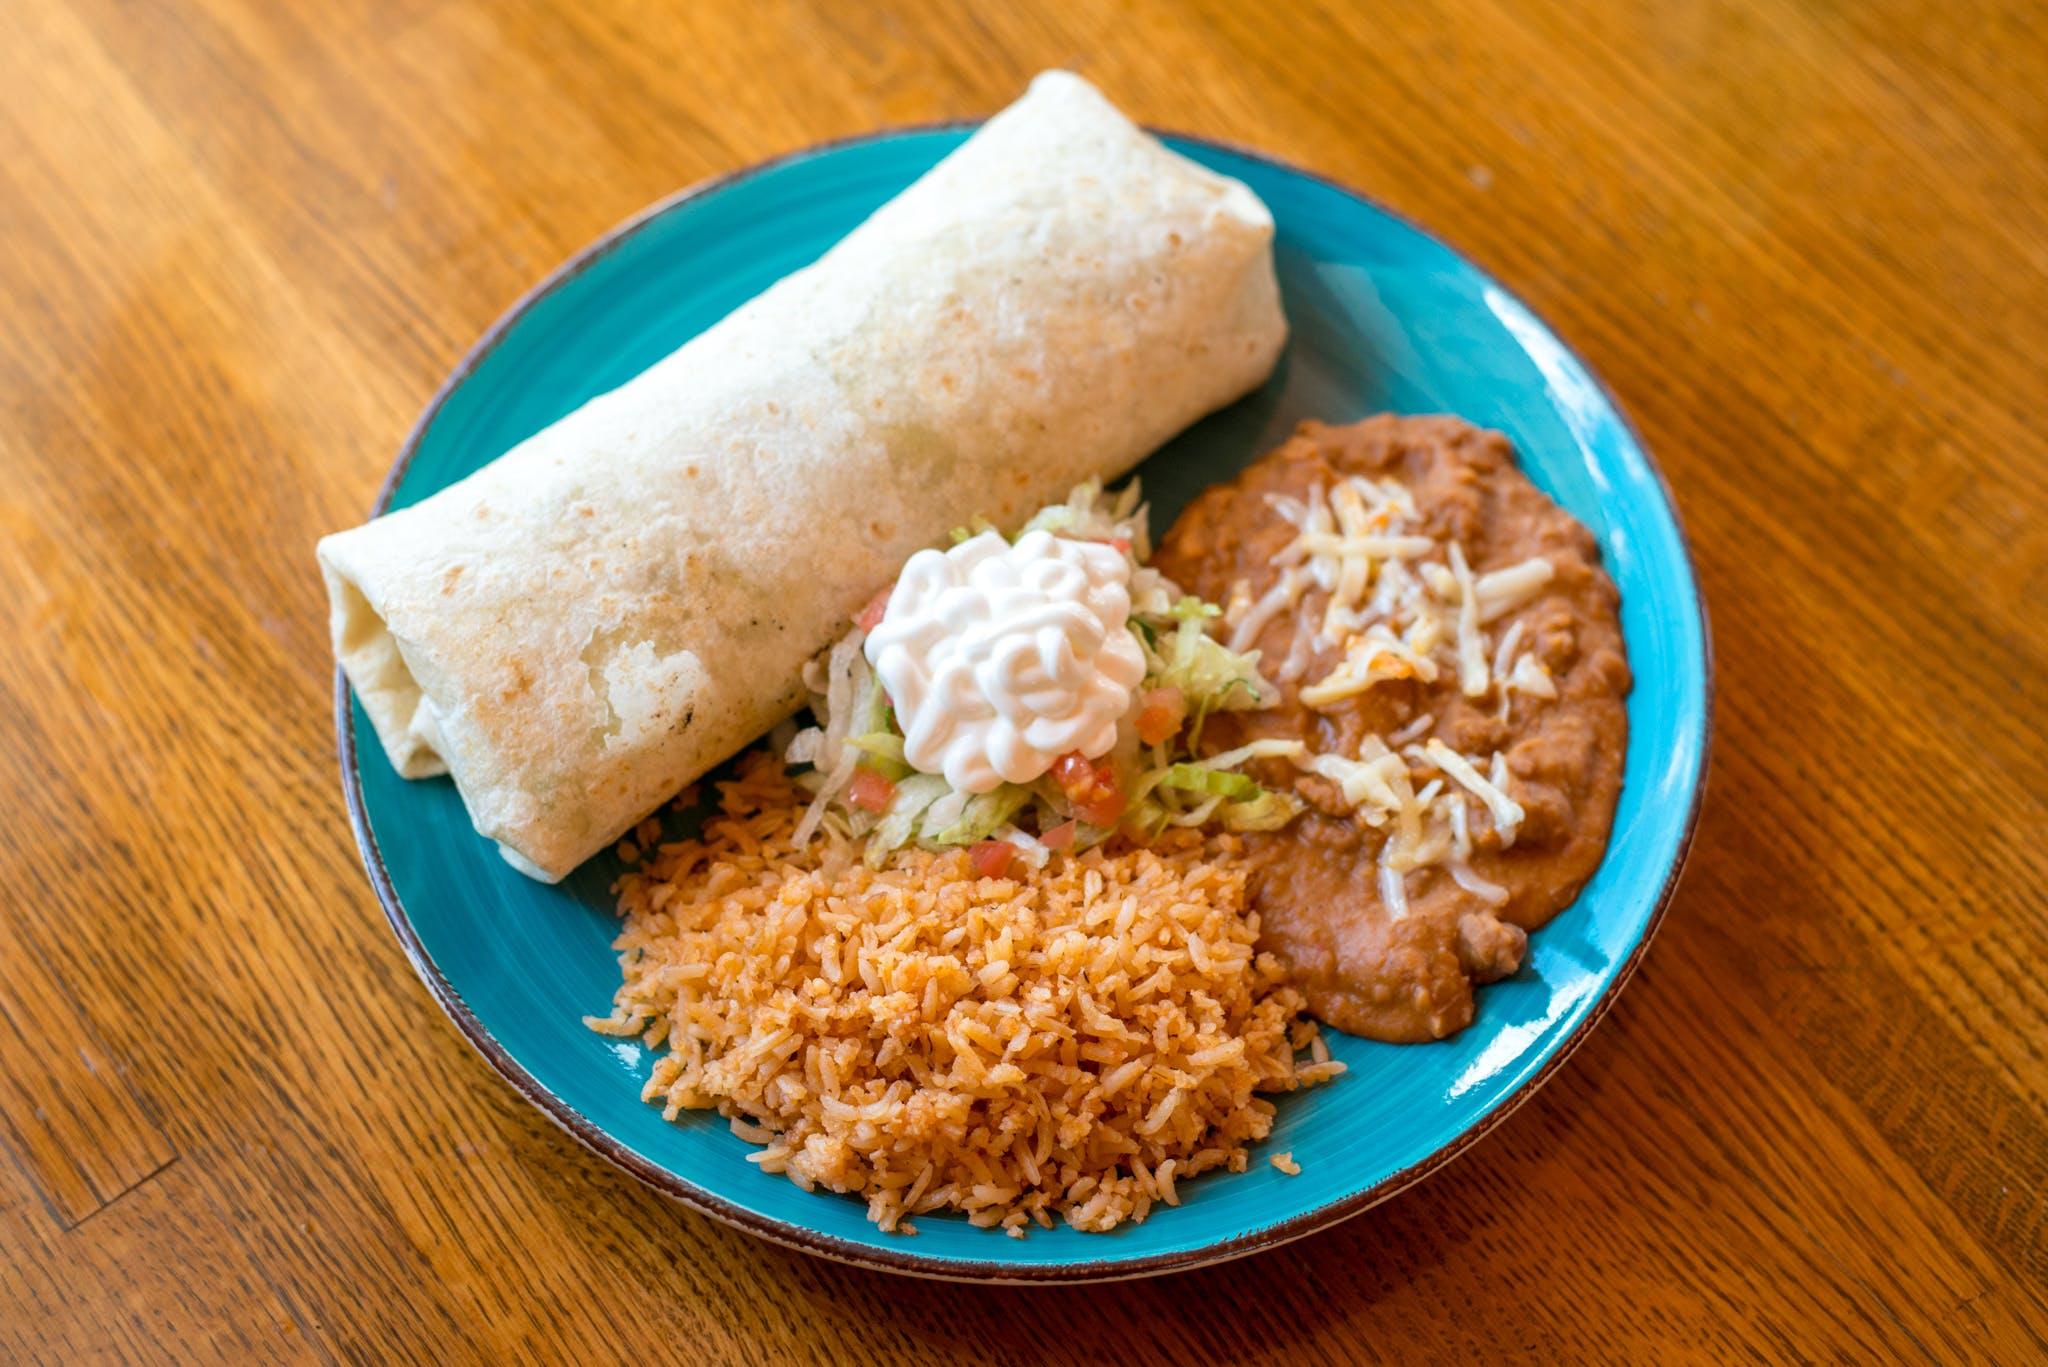 Mexicano Burrito from Taqueria Maldonado's - Main Street in Green Bay, WI